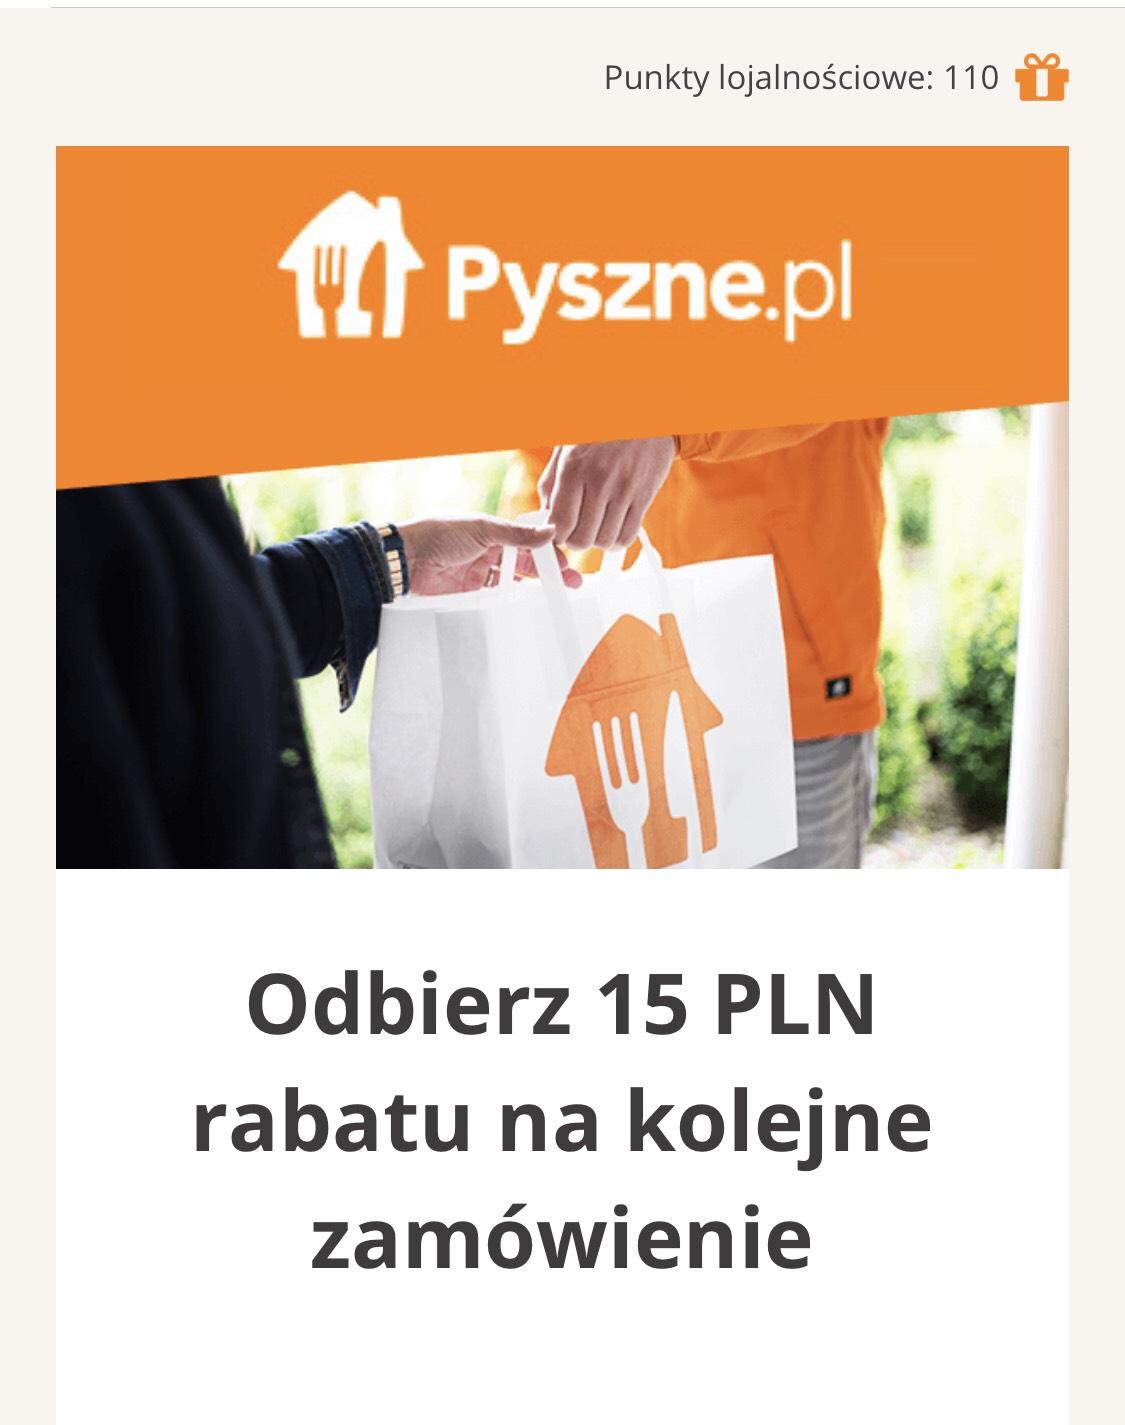 15 zł na pyszne pl